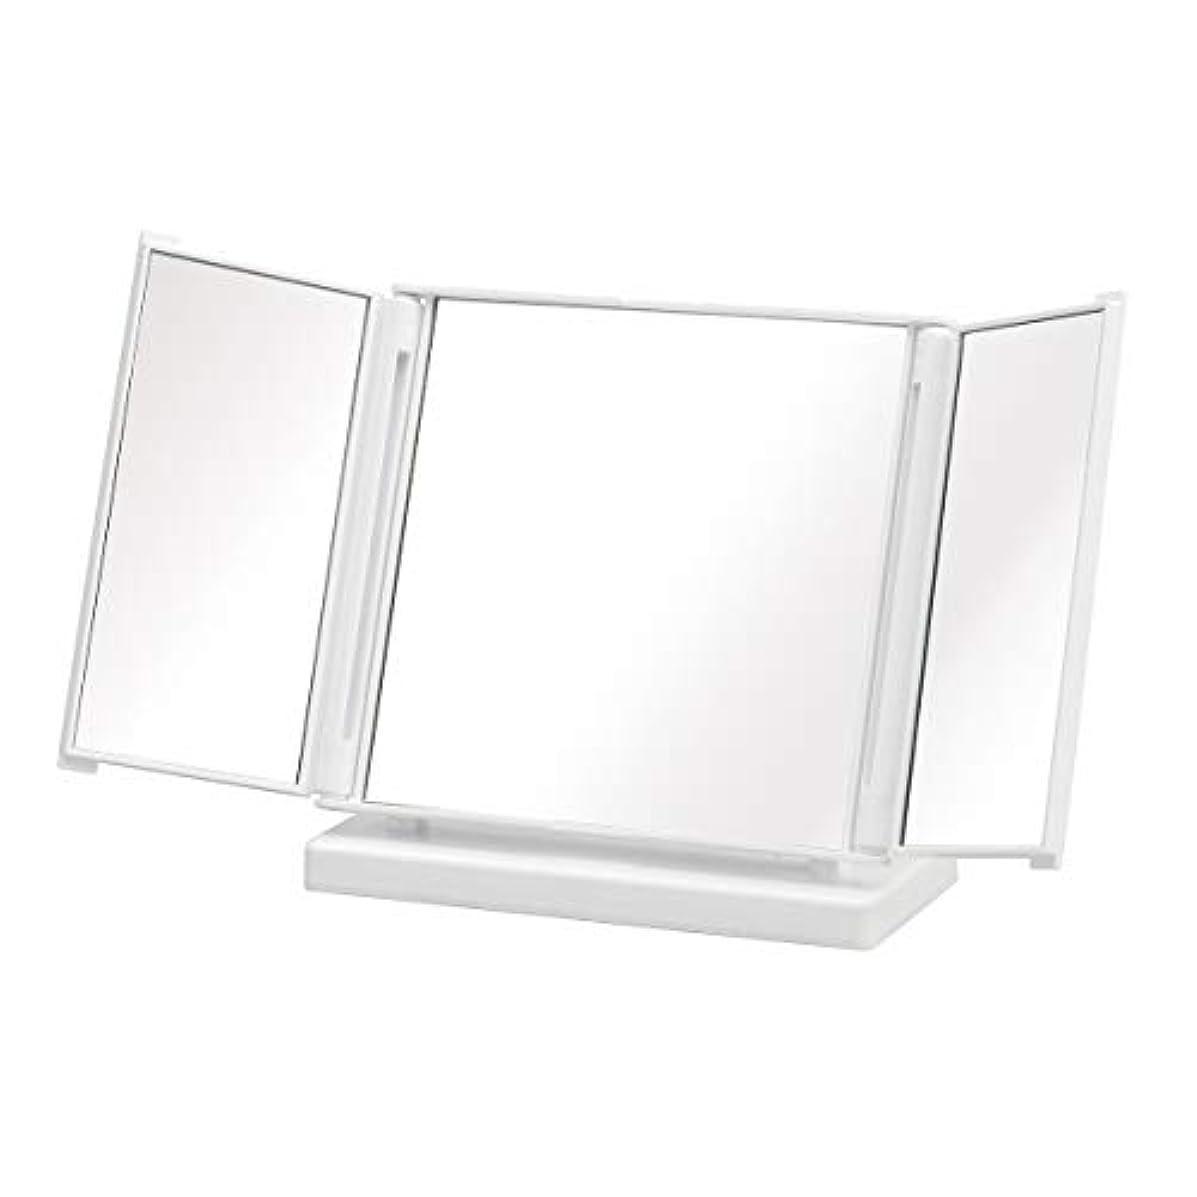 多年生コンパス踊り子三面鏡 ミラー 鏡 三面 かがみ メイク コンパクト ミニ ホワイト